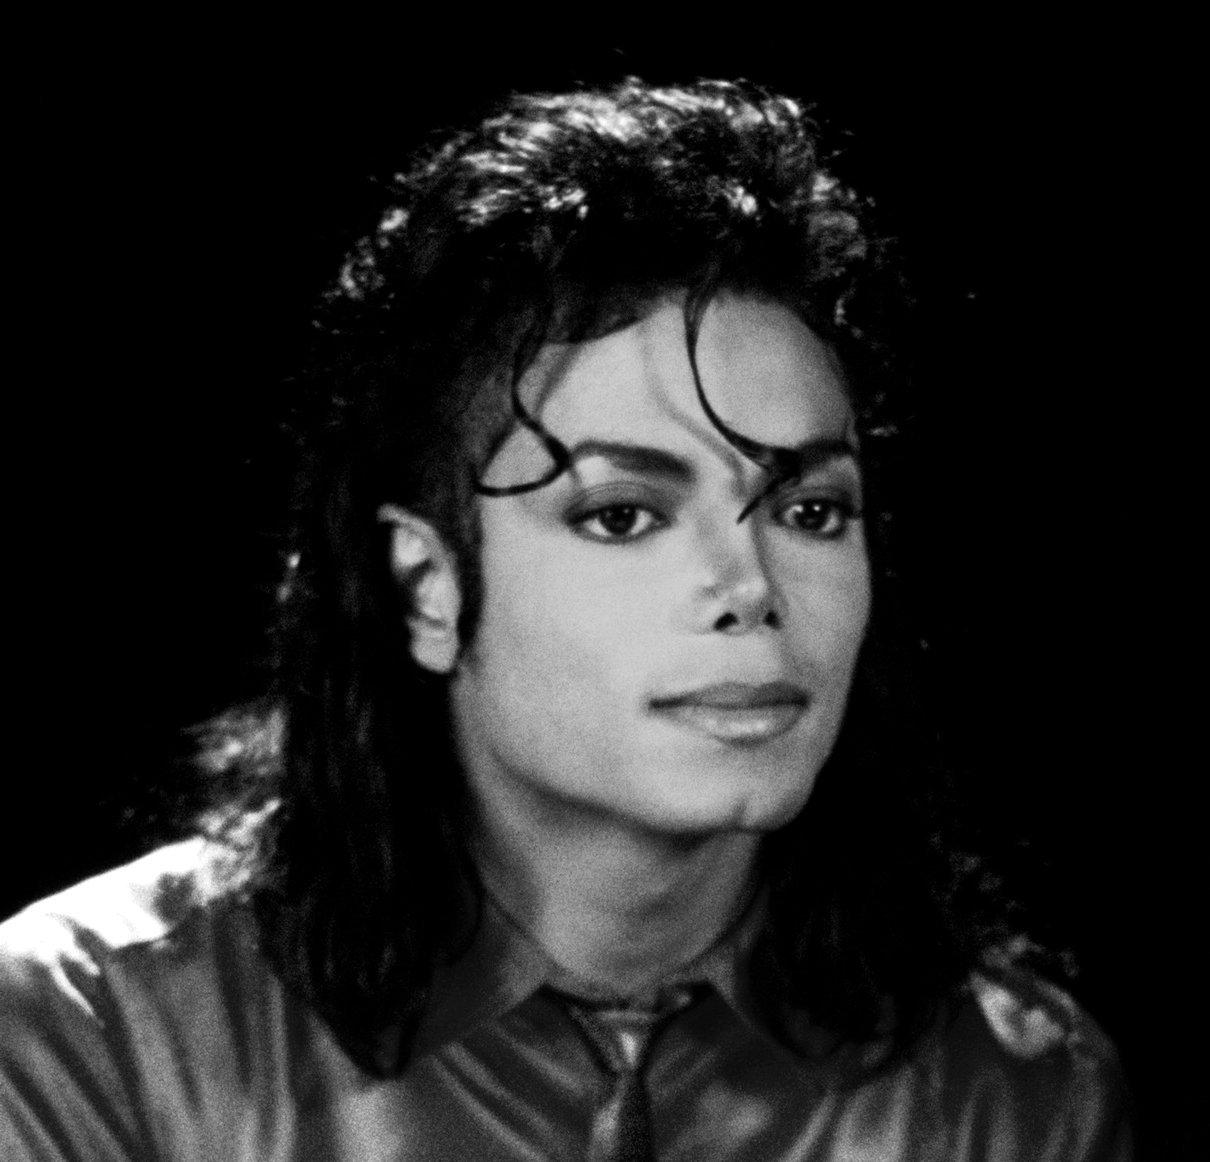 Raridades: Somente fotos RARAS de Michael Jackson. - Página 4 I-LOVE-YOU-MICHAEL-michael-jackson-27579629-1210-1162